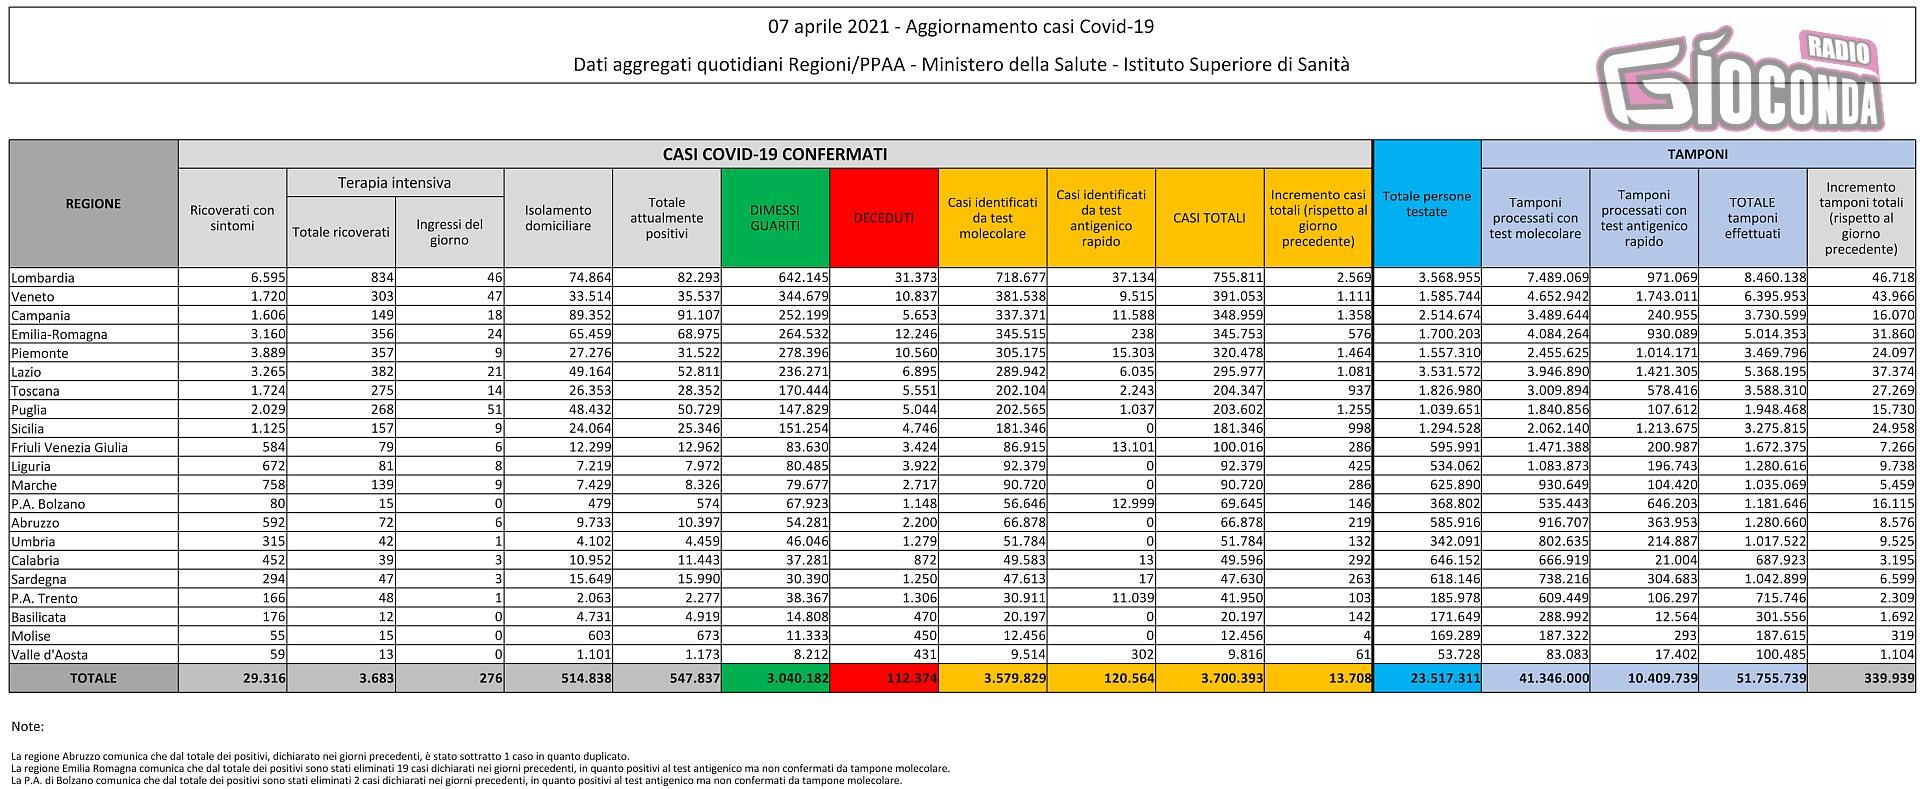 7 aprile 2021 - Aggiornamento casi Covid-19 Dati aggregati quotidiani Regioni/PPAA - Ministero della Salute - Istituto Superiore di Sanità